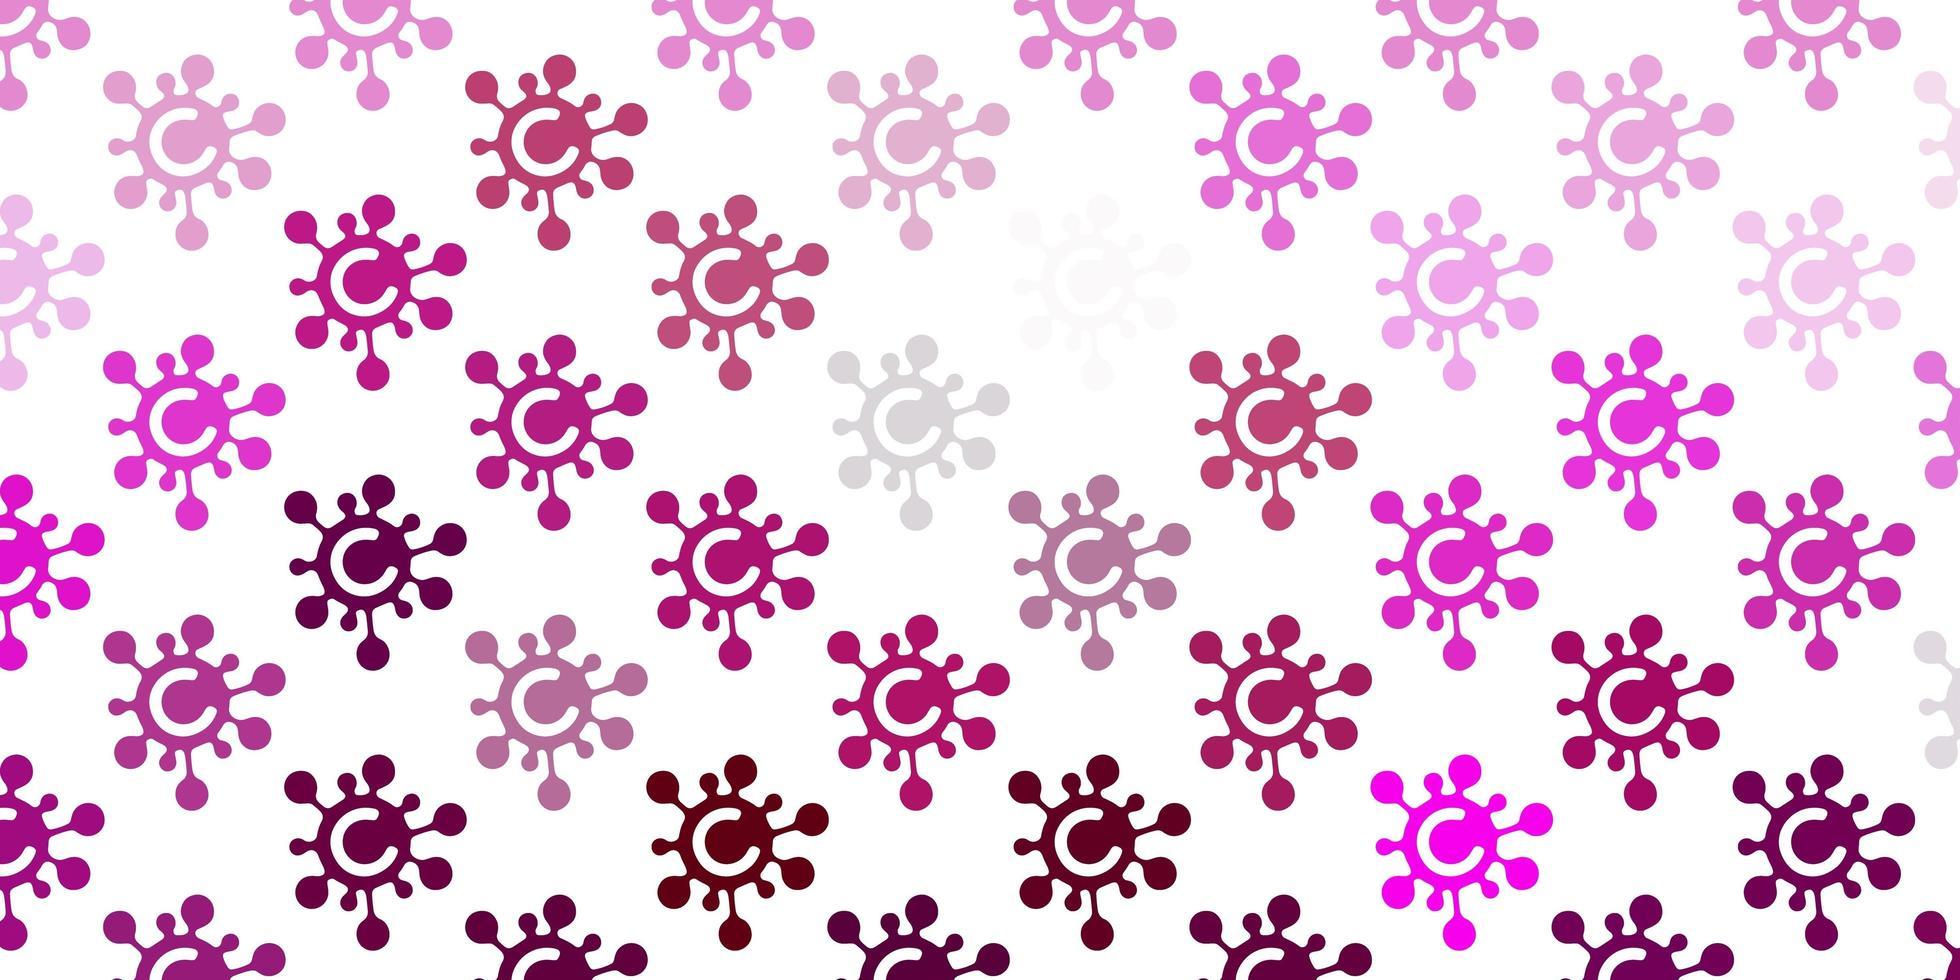 hellrosa Vektorbeschaffenheit mit Krankheitssymbolen. vektor